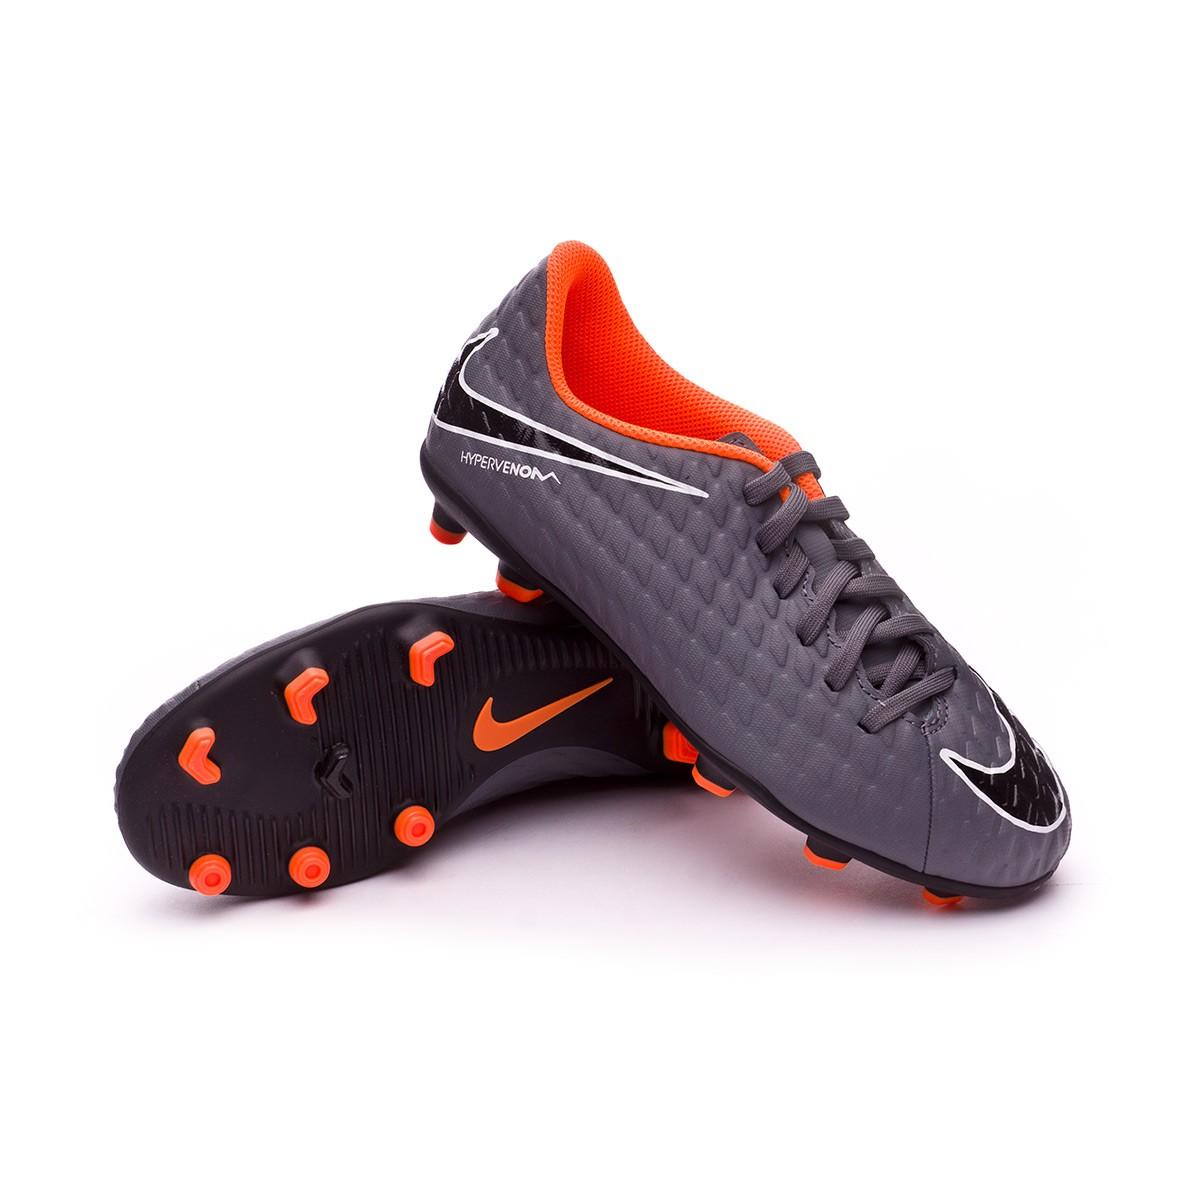 cc517344e Chuteira Nike Hypervenom Phantom III Club FG Crianças Dark grey-Total  orange-White - Loja de futebol Fútbol Emotion